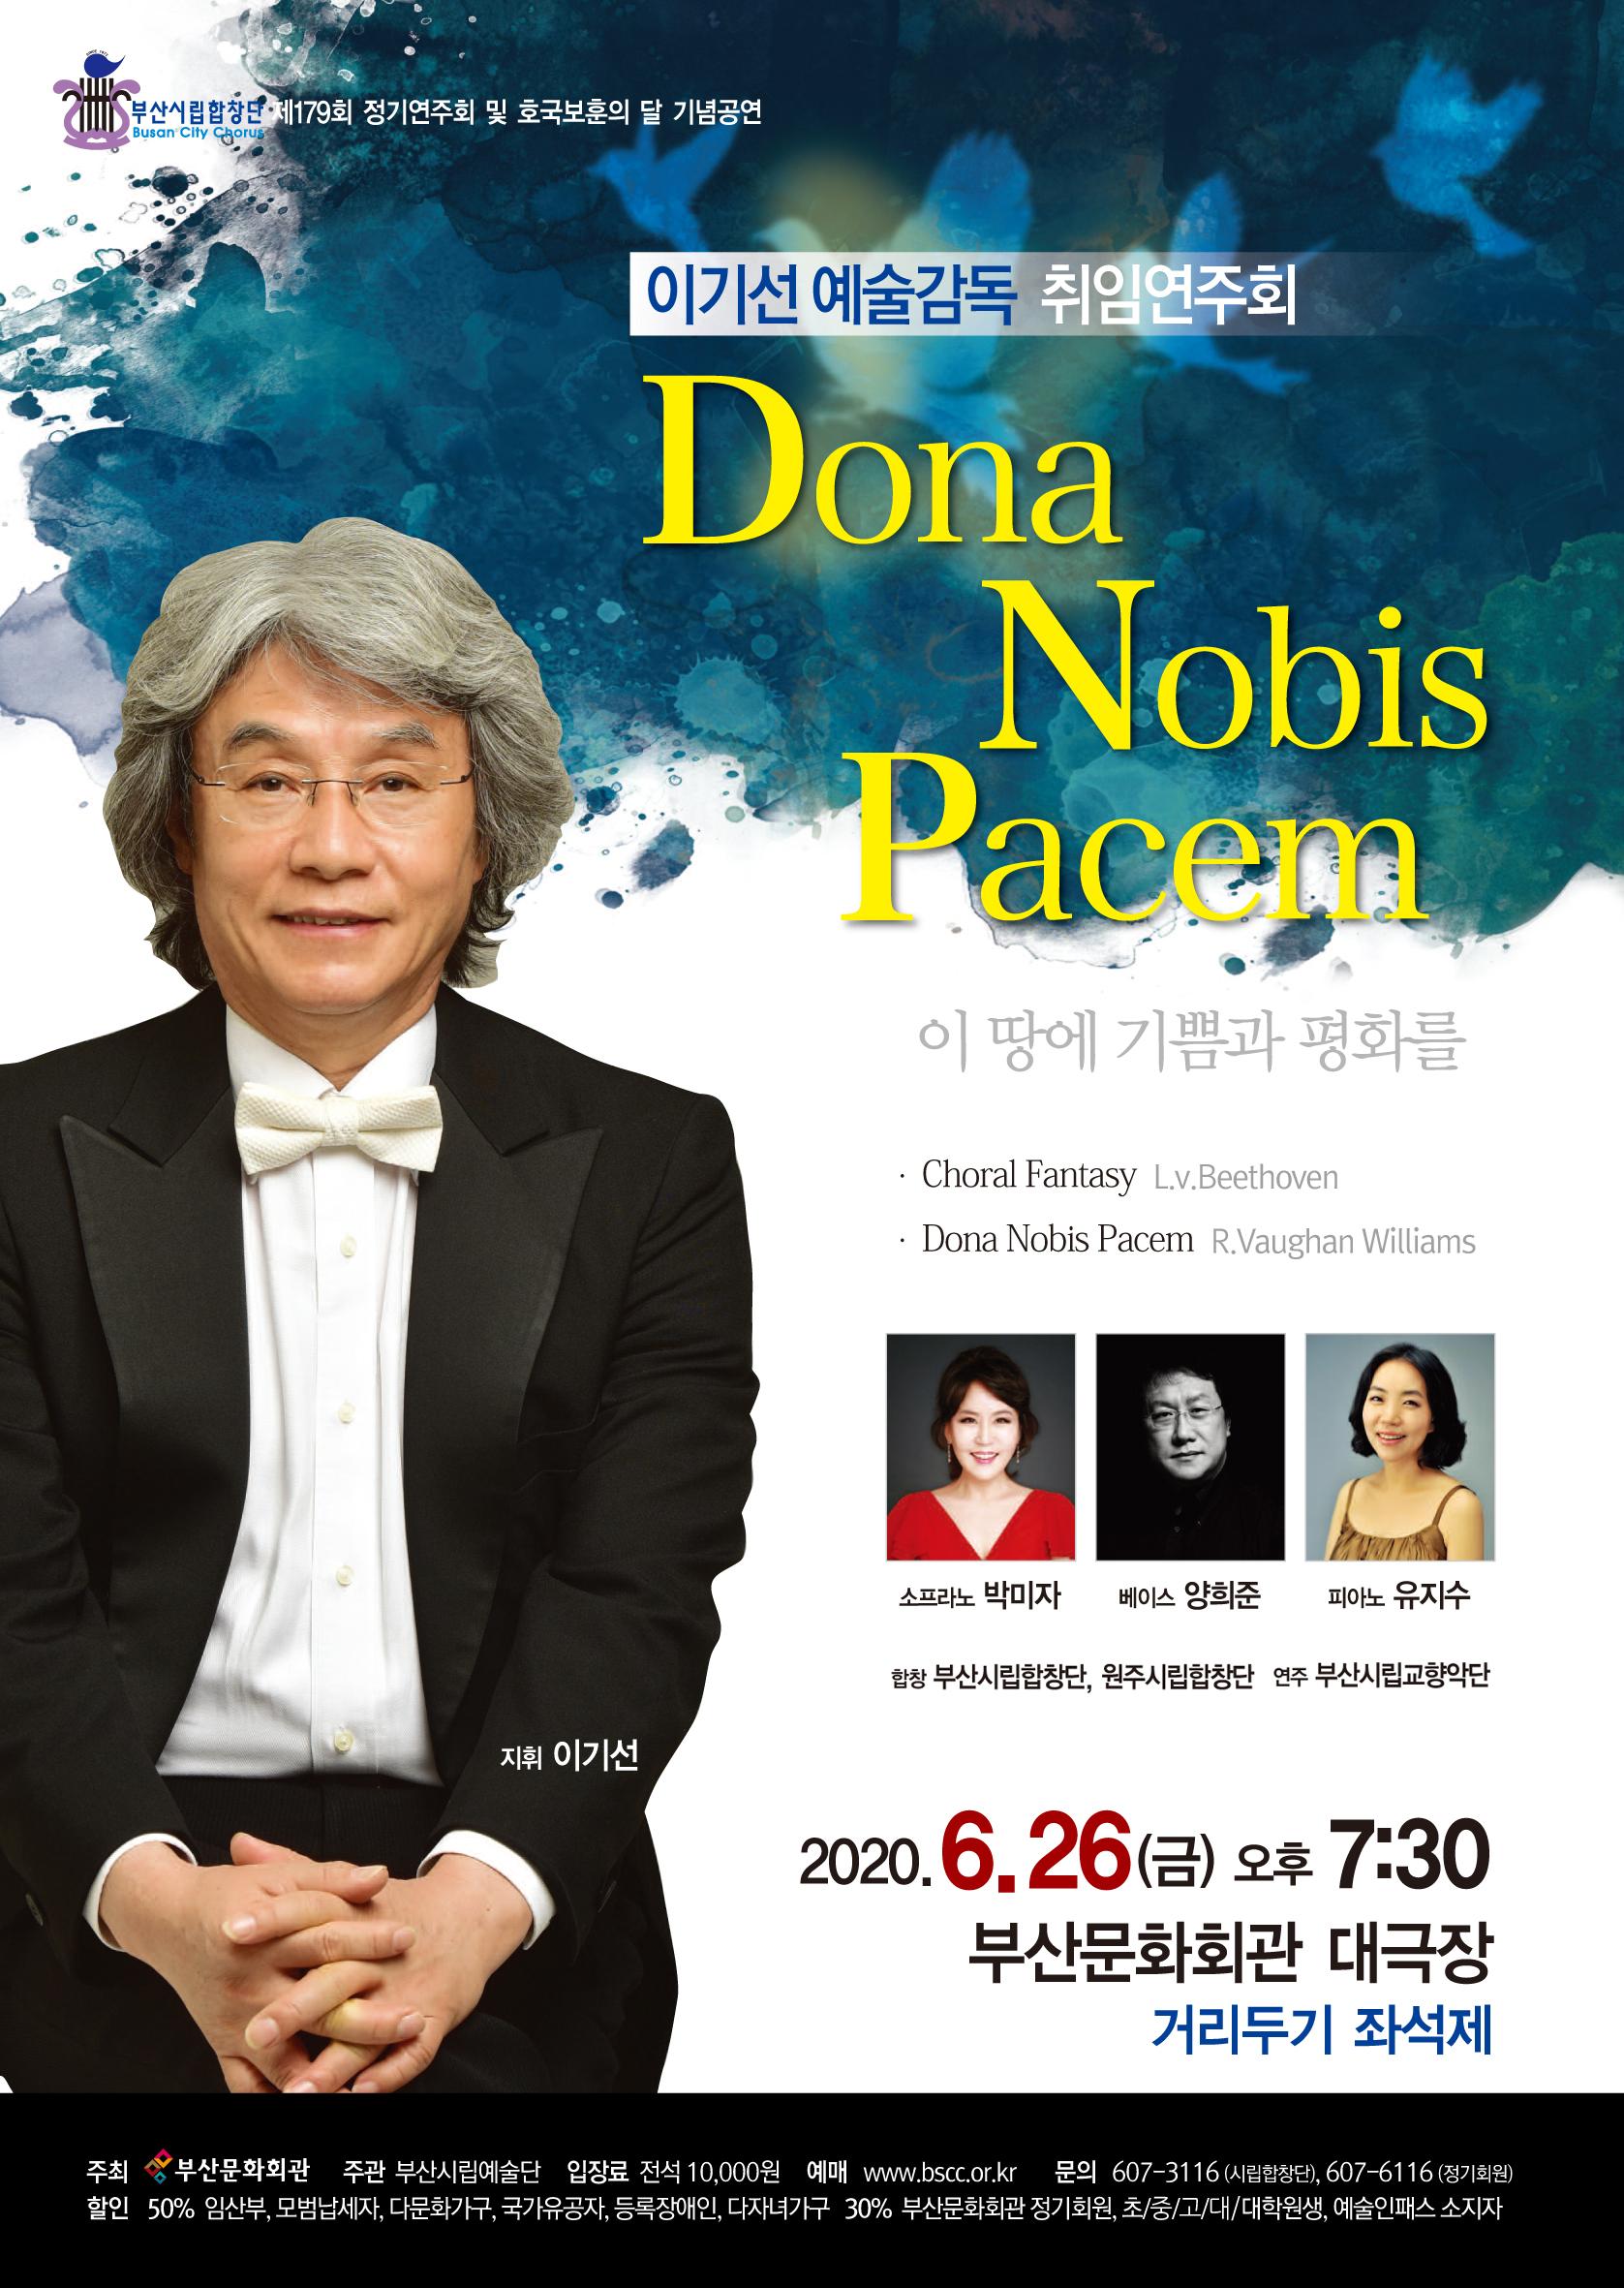 부산시립합창단 이기선예술감독 취임연주회 〈Dona Nobis Pacem〉